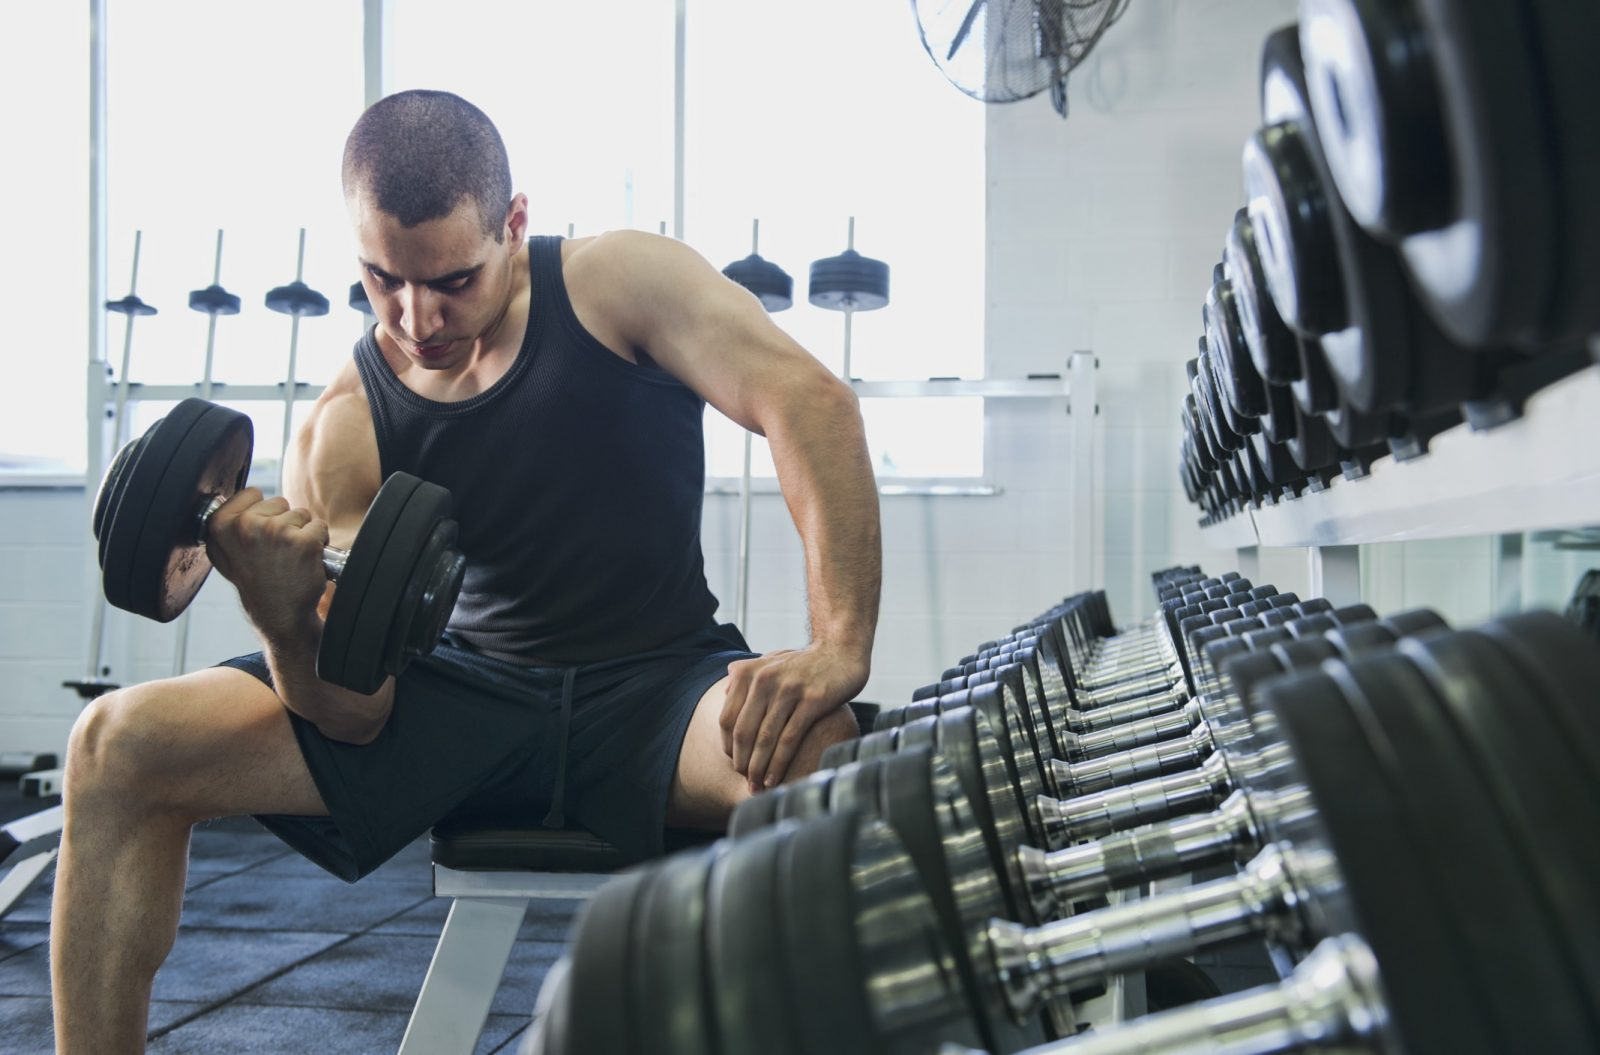 Спортивный парень в тренажерном зале выполняет концентрированный подъем гантели на бицепс